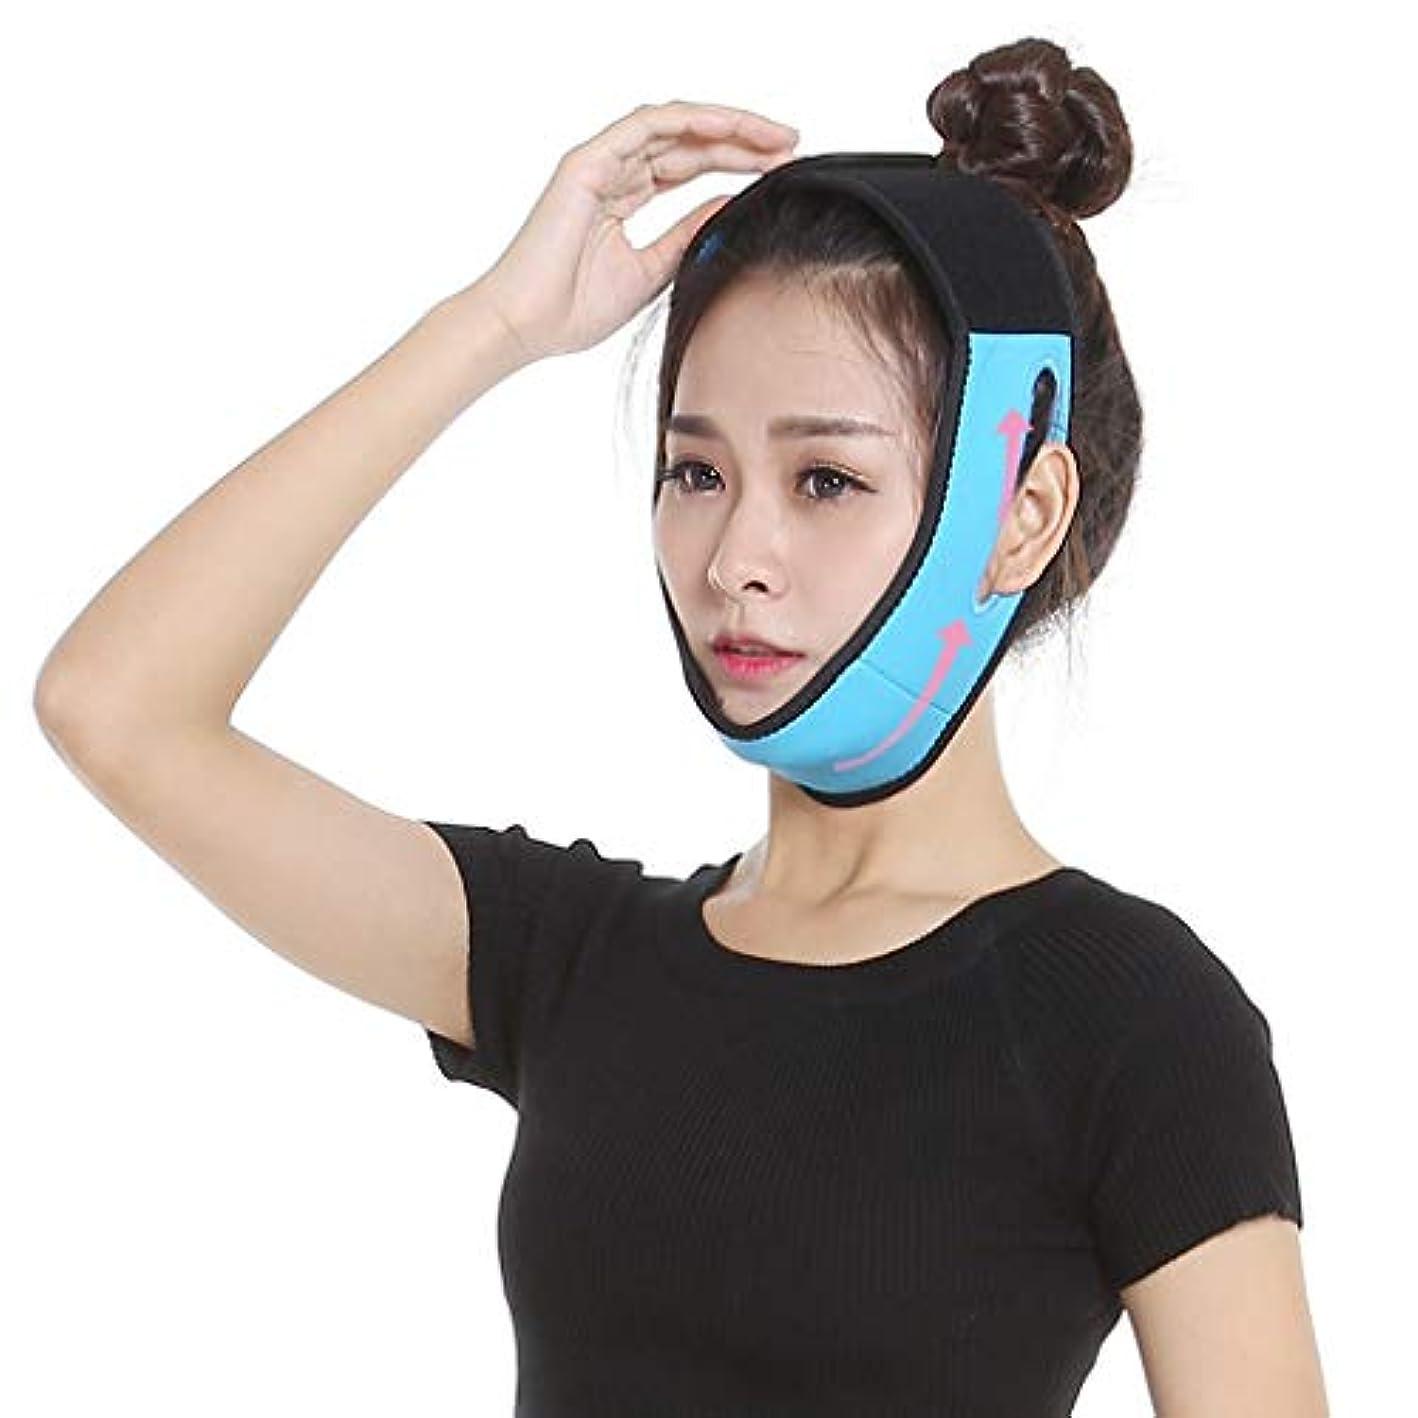 形状オデュッセウスマージン顔の減量マッサージマスクは簡単に V の顔リフトタイトな包帯を形成するあごの筋肉の収縮を強化する